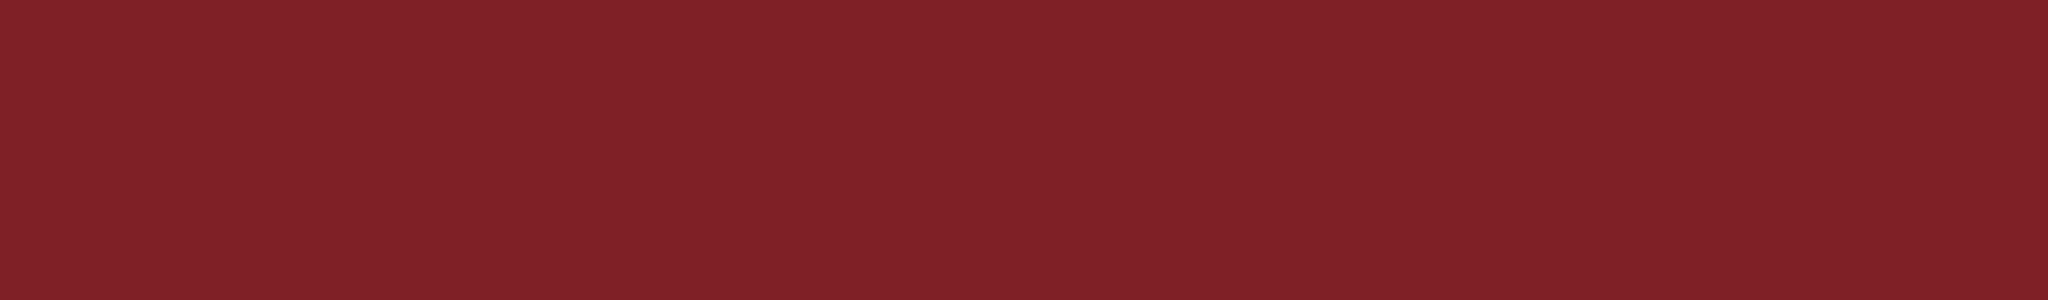 HSE 133216 кромка ABS с акрил. пленкой красная гладкая глянец 90°